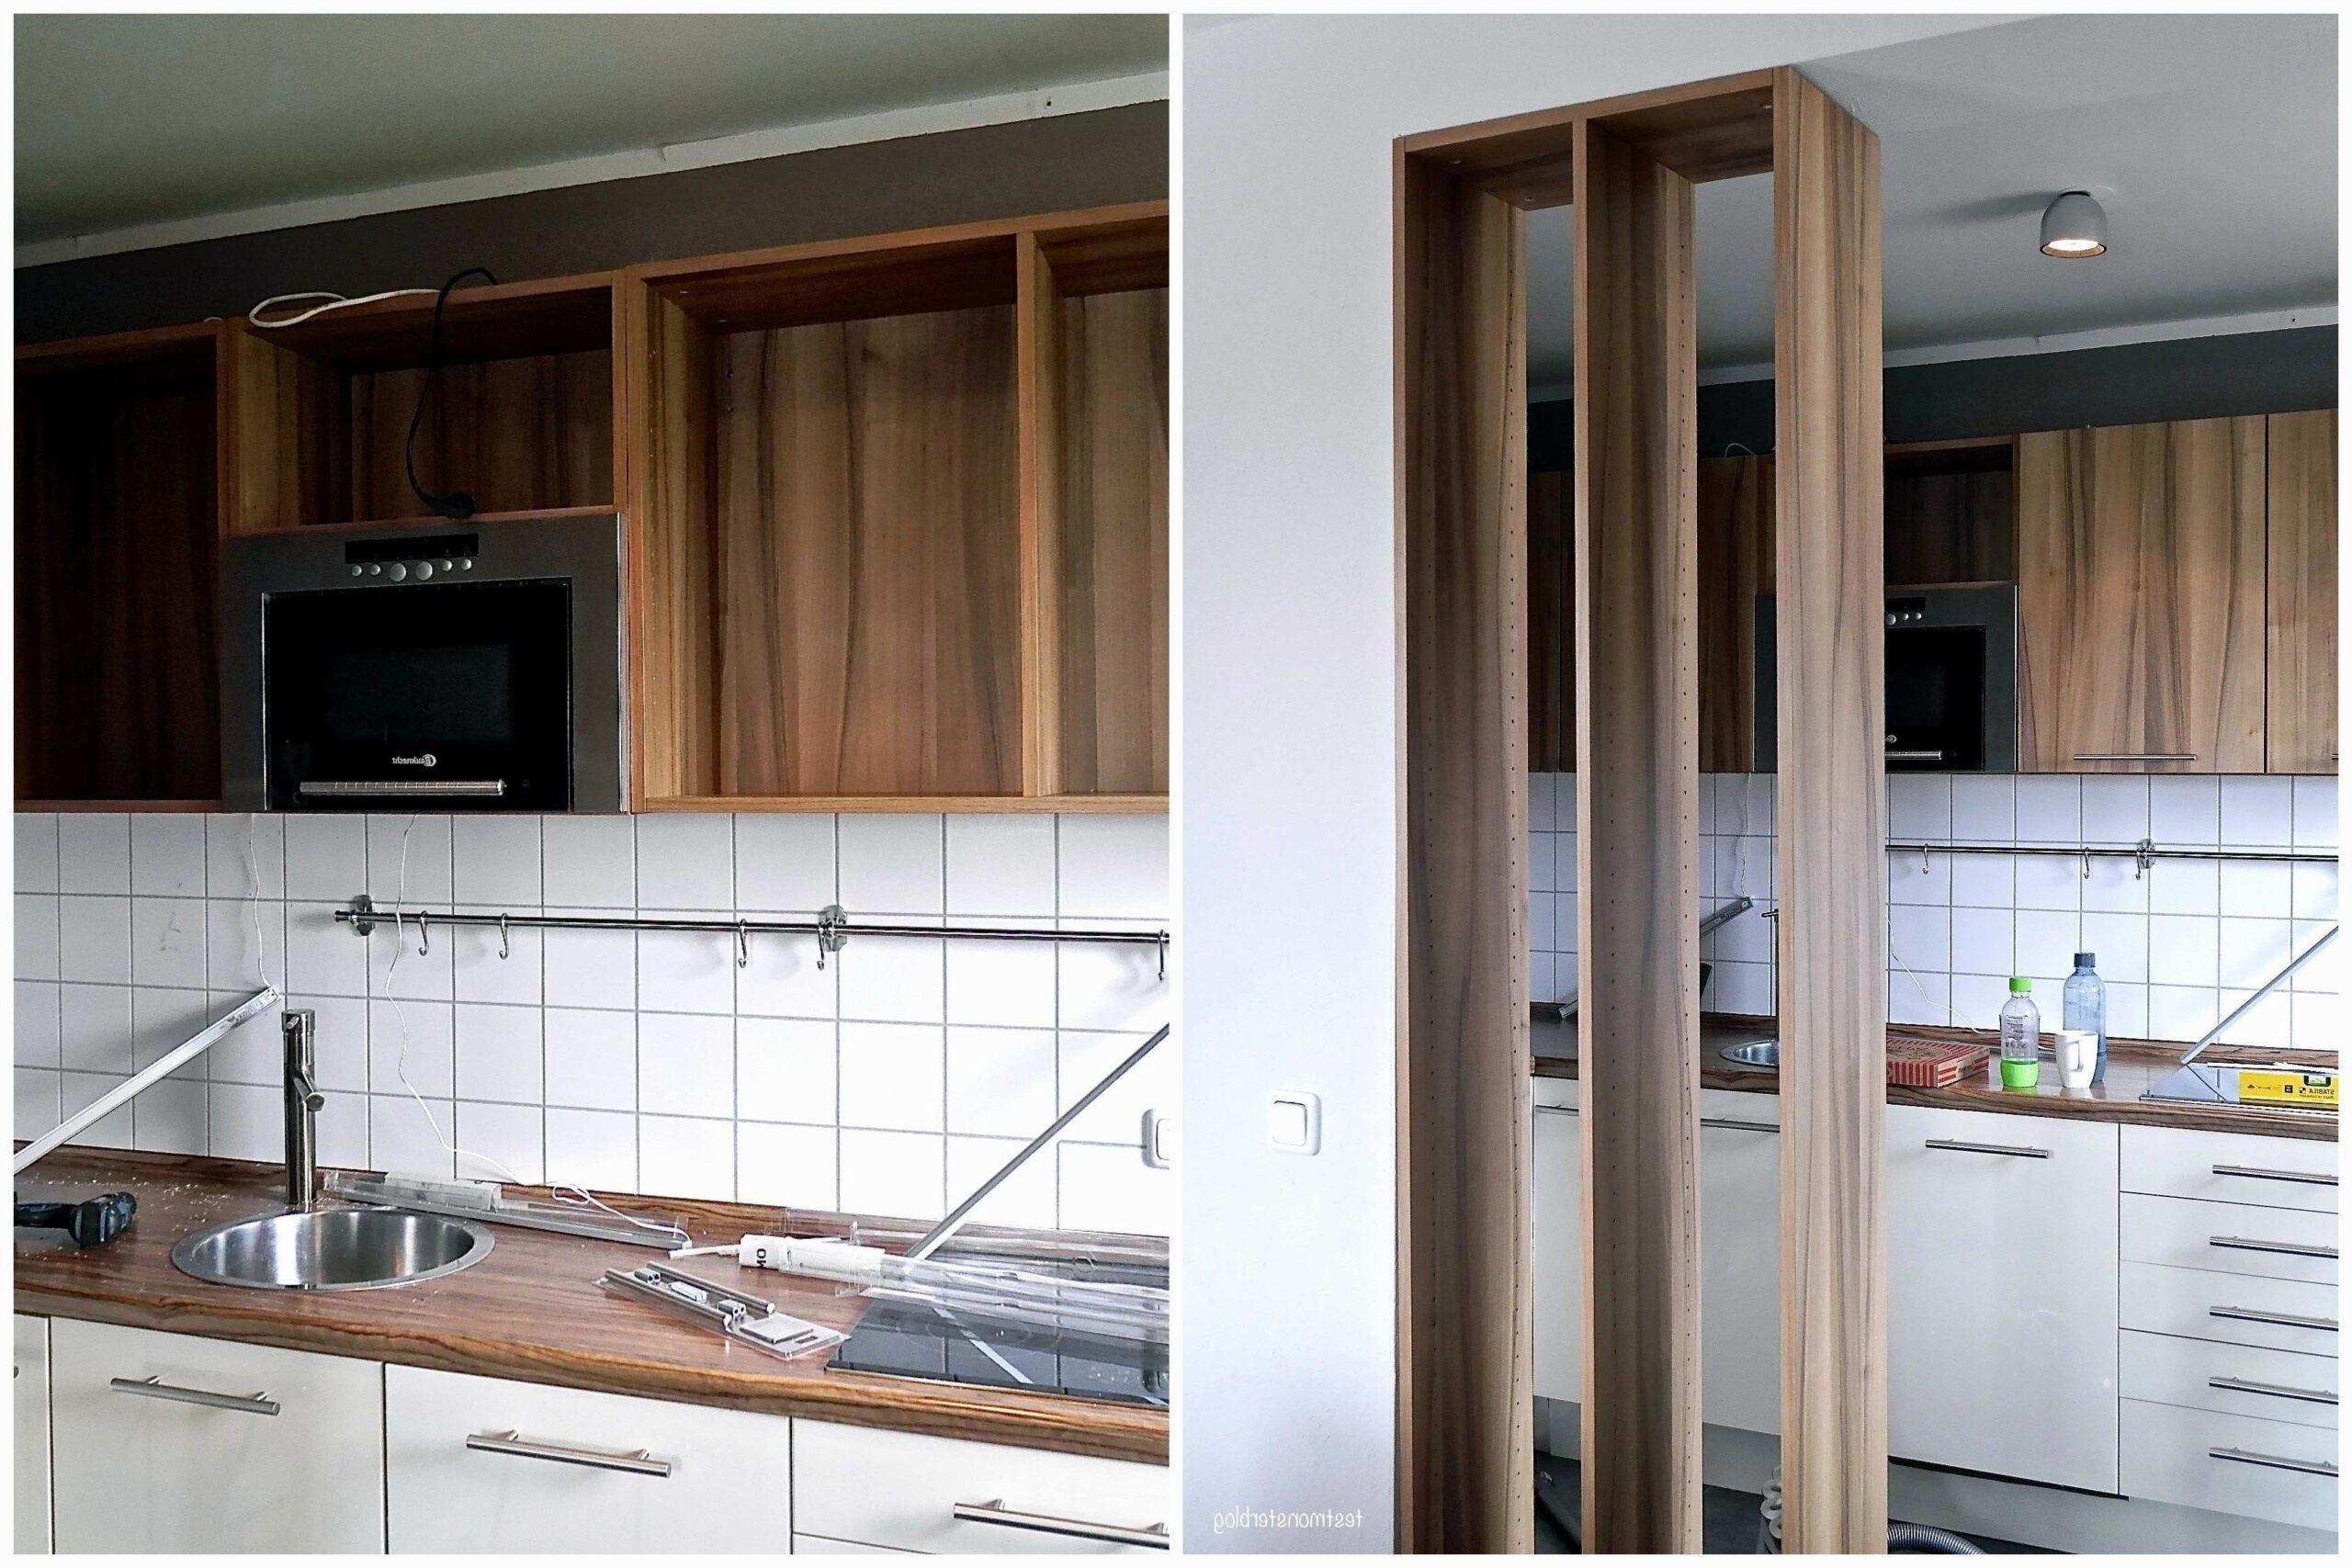 Full Size of Raffrollo Küche Modern Wohnzimmer Reizend Kuche Schn Stengel Miniküche Holz Einbauküche Mit Elektrogeräten Deckenleuchte Schlafzimmer Doppelblock Wohnzimmer Raffrollo Küche Modern